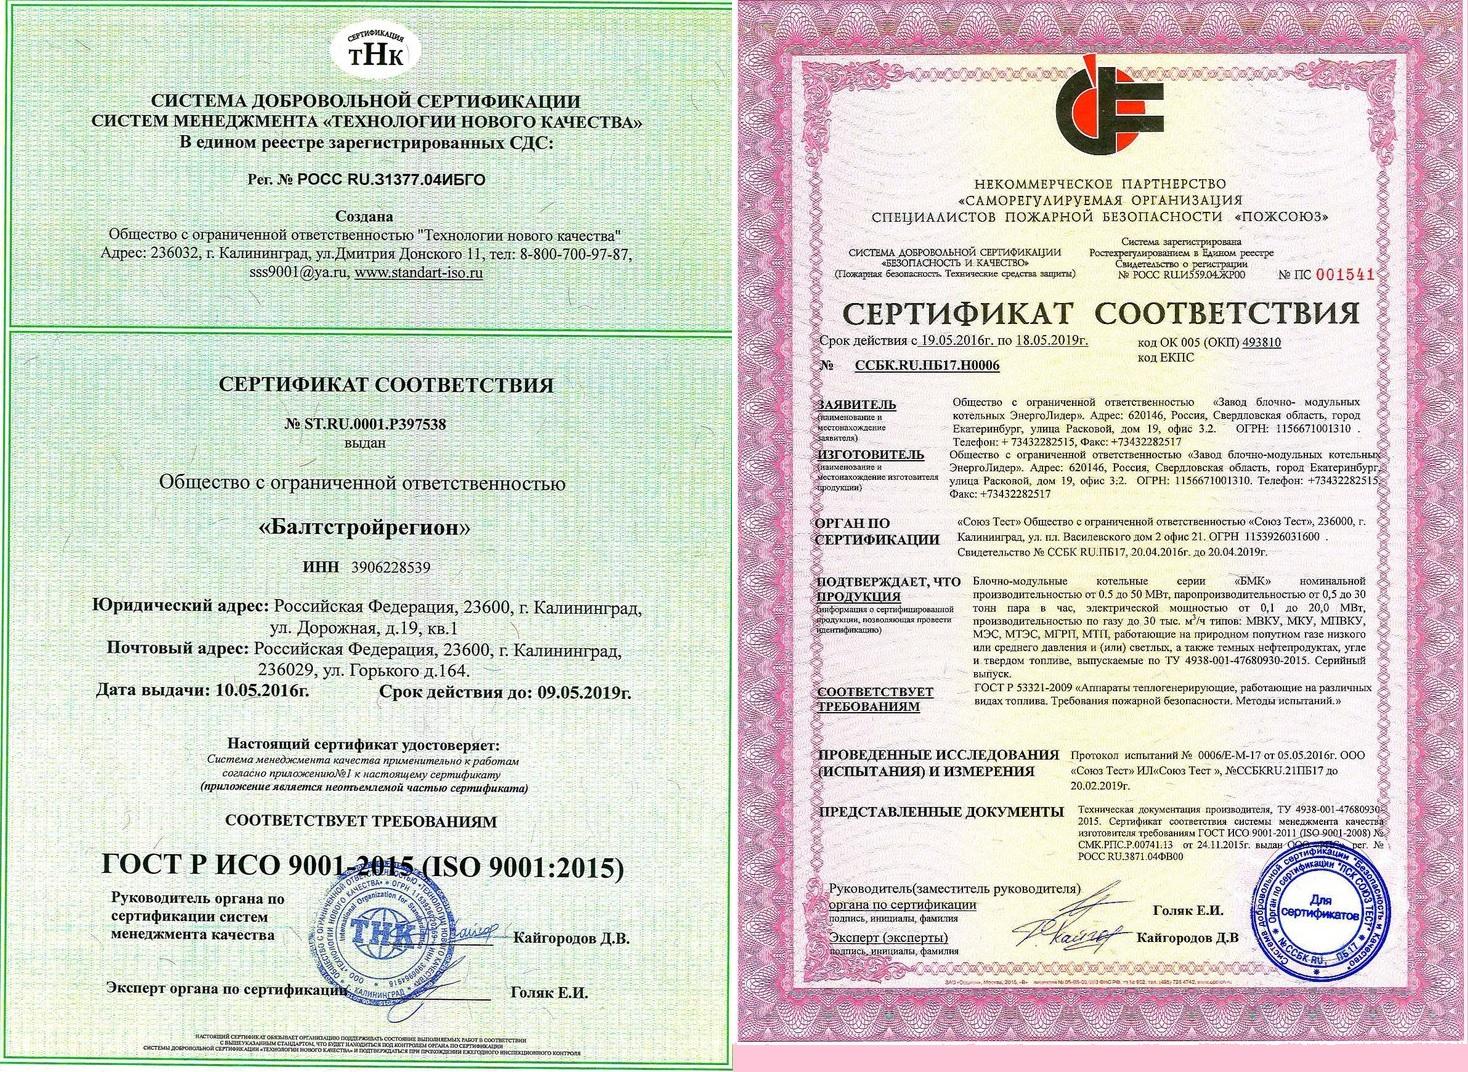 Сертификация систем менеджмента качества